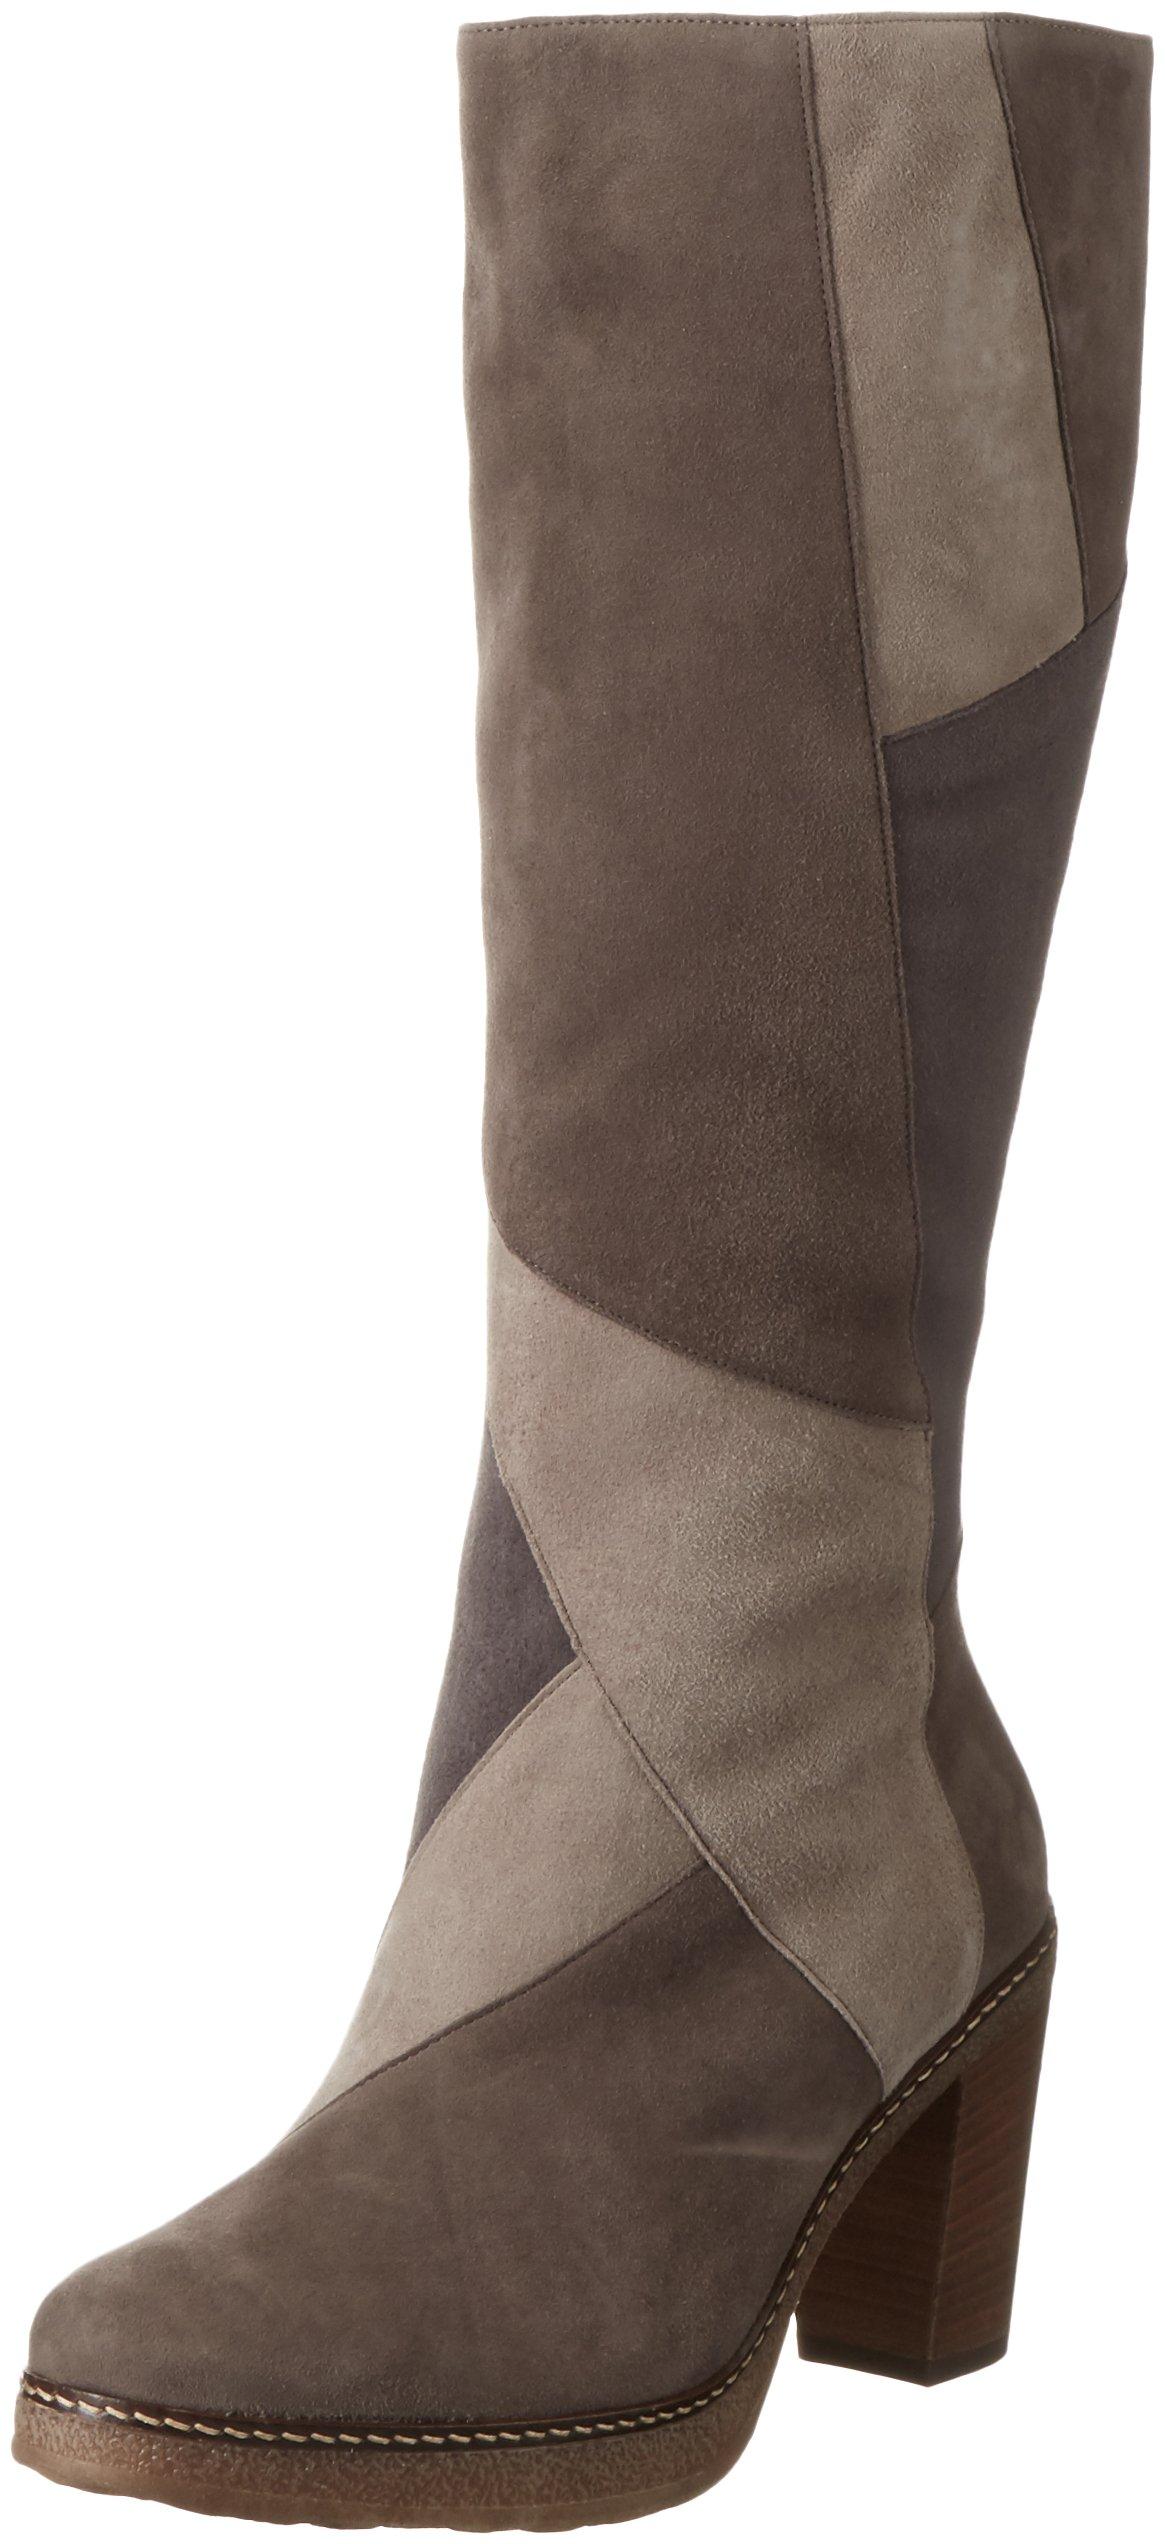 55 Shoes 727 Classiques Eu FemmeMulticolore42 Gabor Bottes FKcl1J